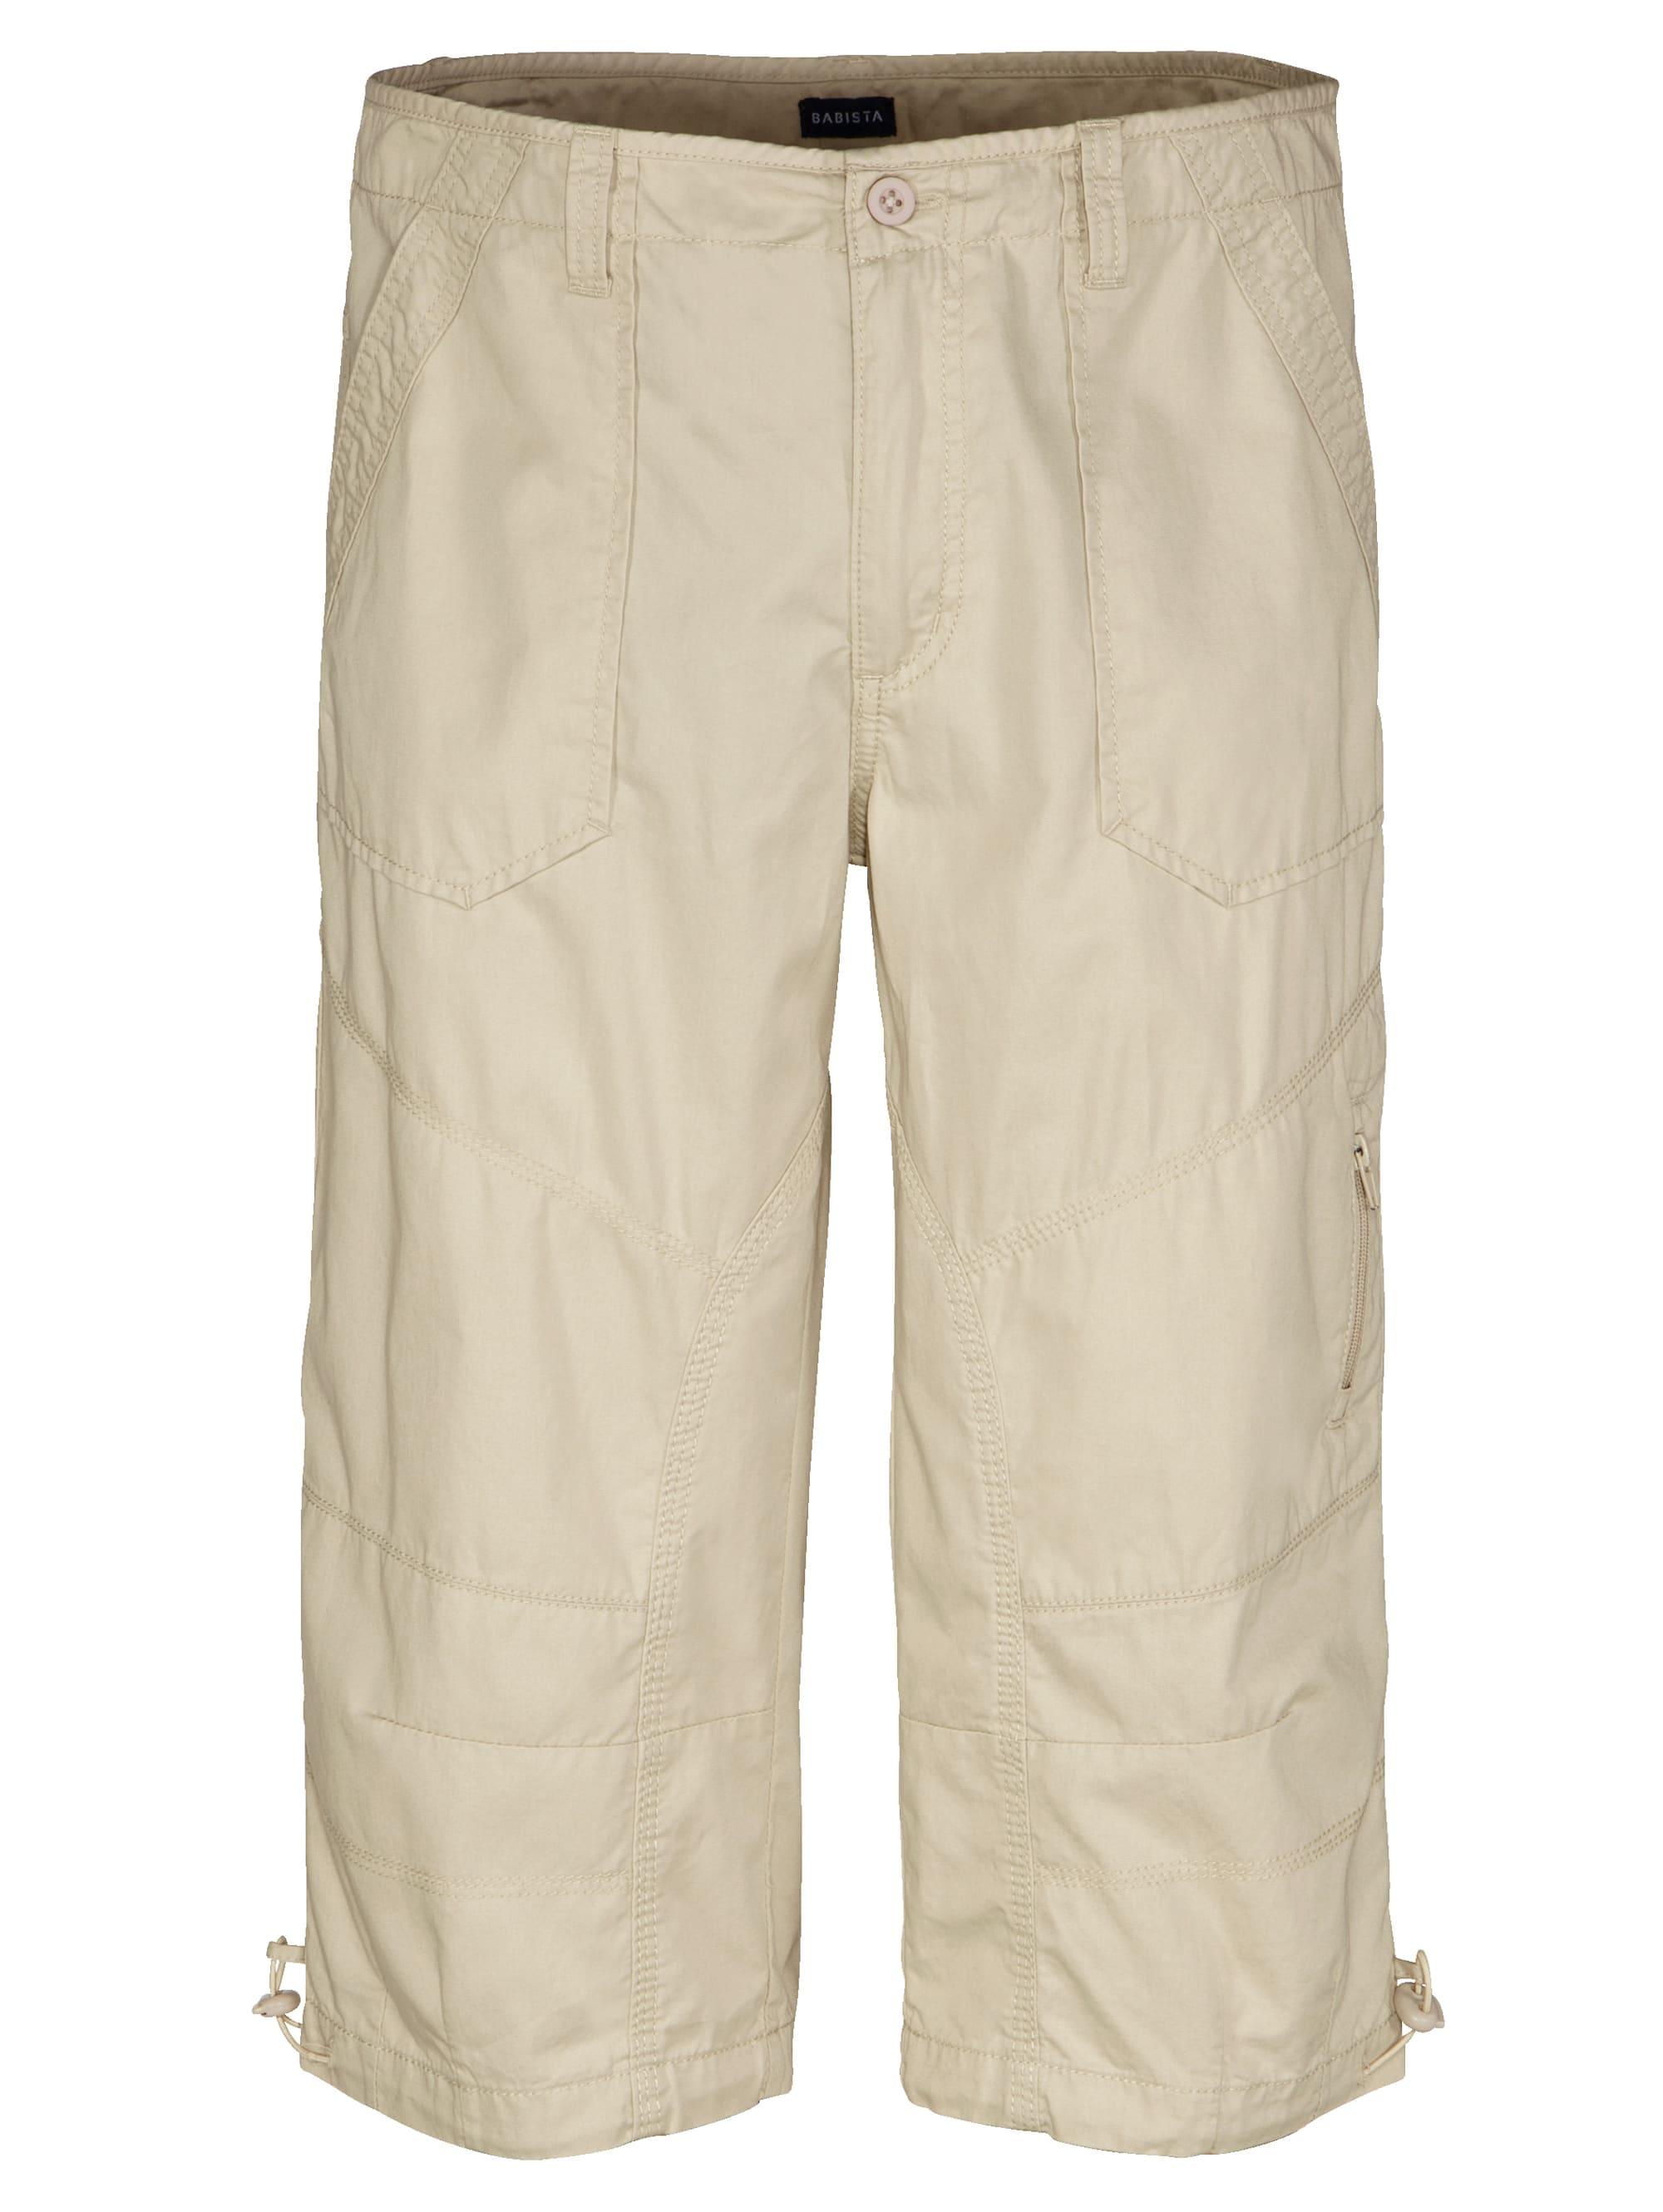 Babista Long-Bermuda mit praktischen Taschen   Bekleidung > Shorts & Bermudas > Bermudas   Babista